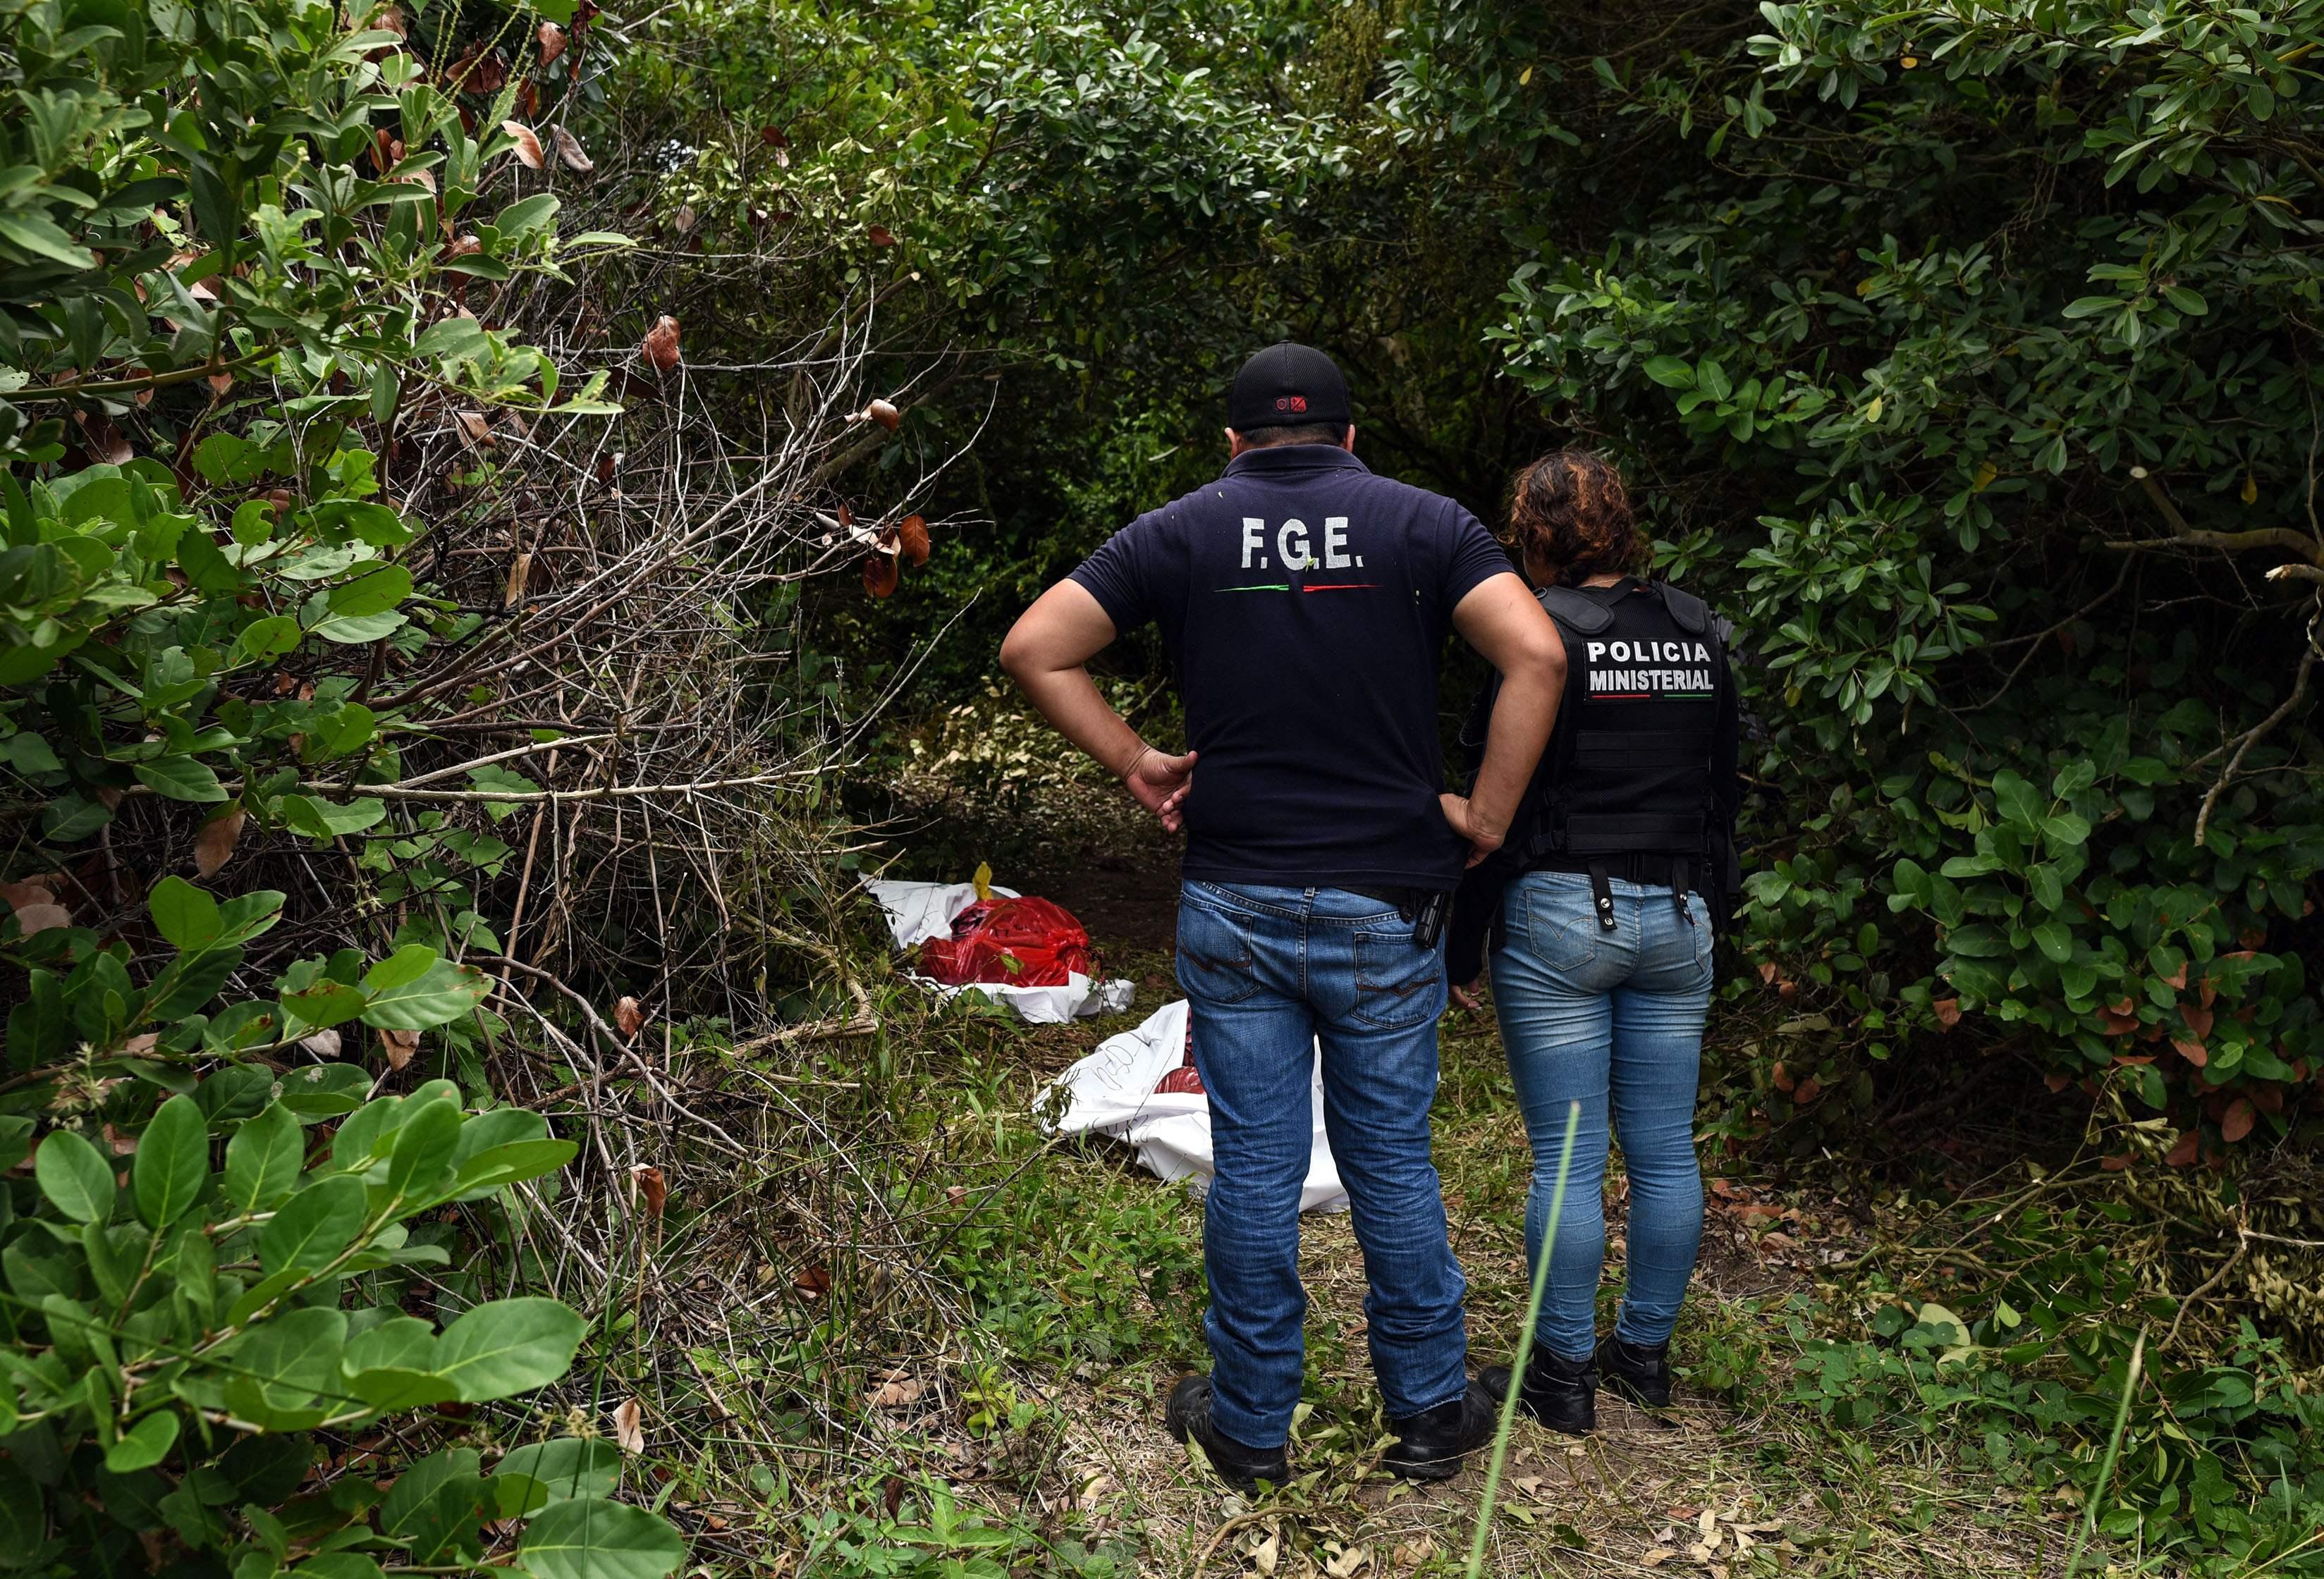 الشرطة المكسيكية تستخرج الضحايا